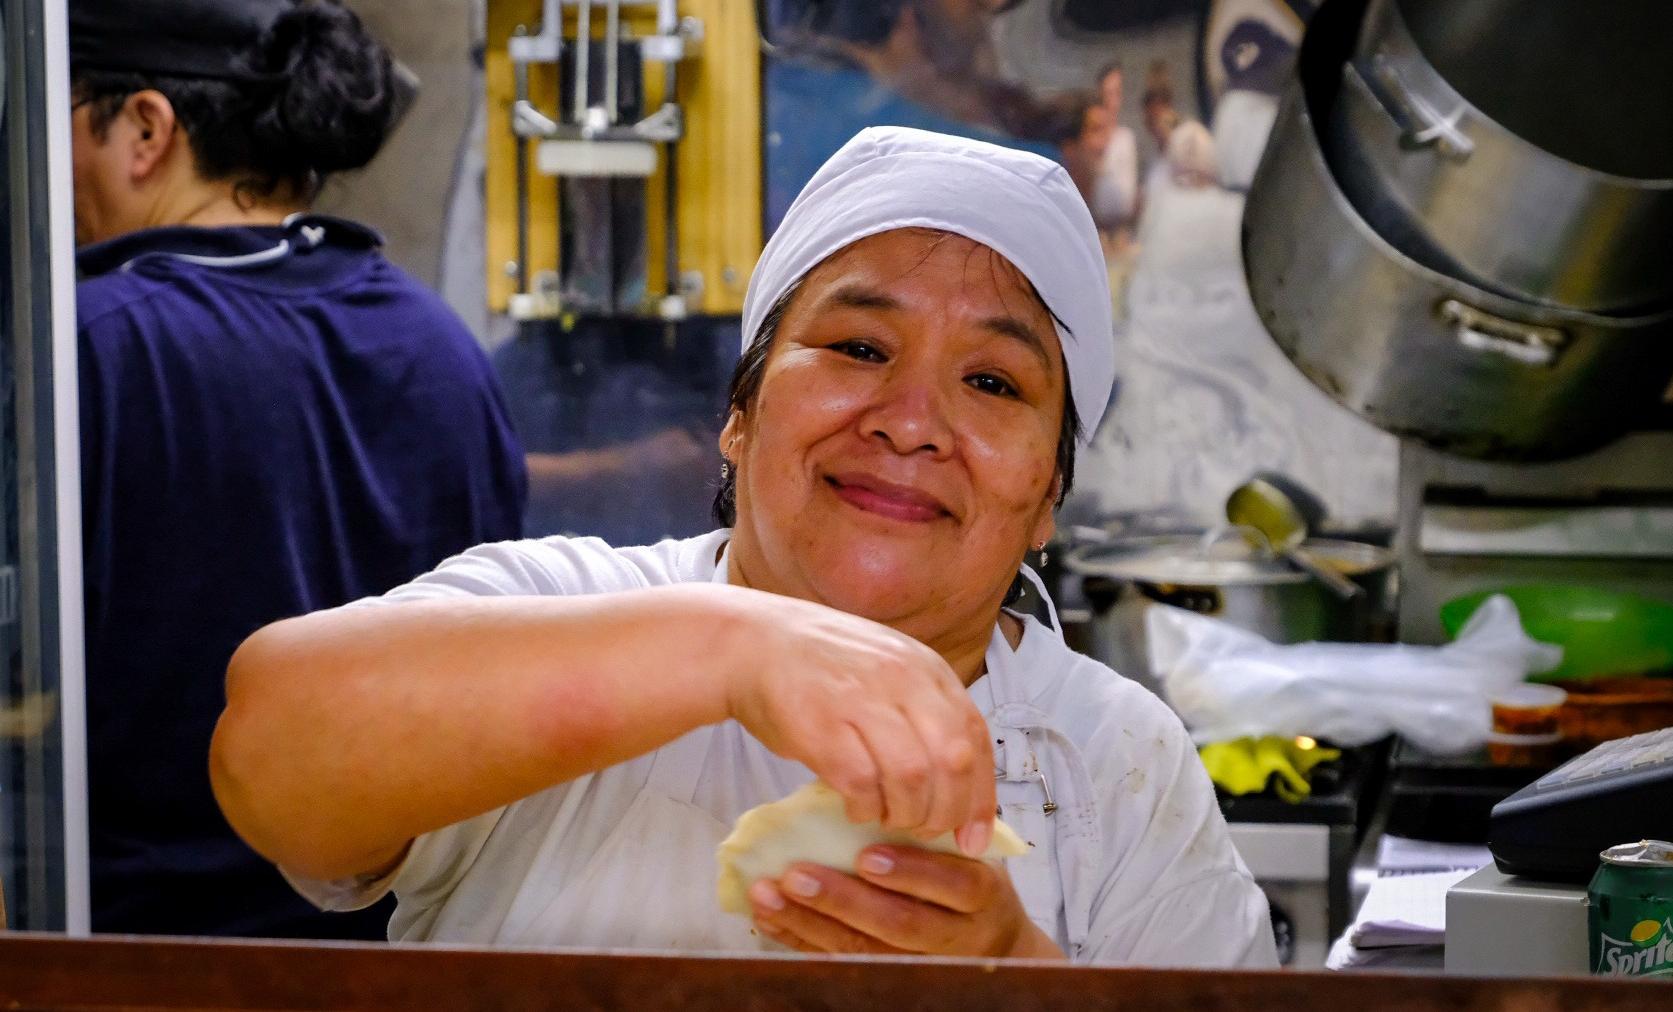 Vendor making an empanada in Buenos Aires